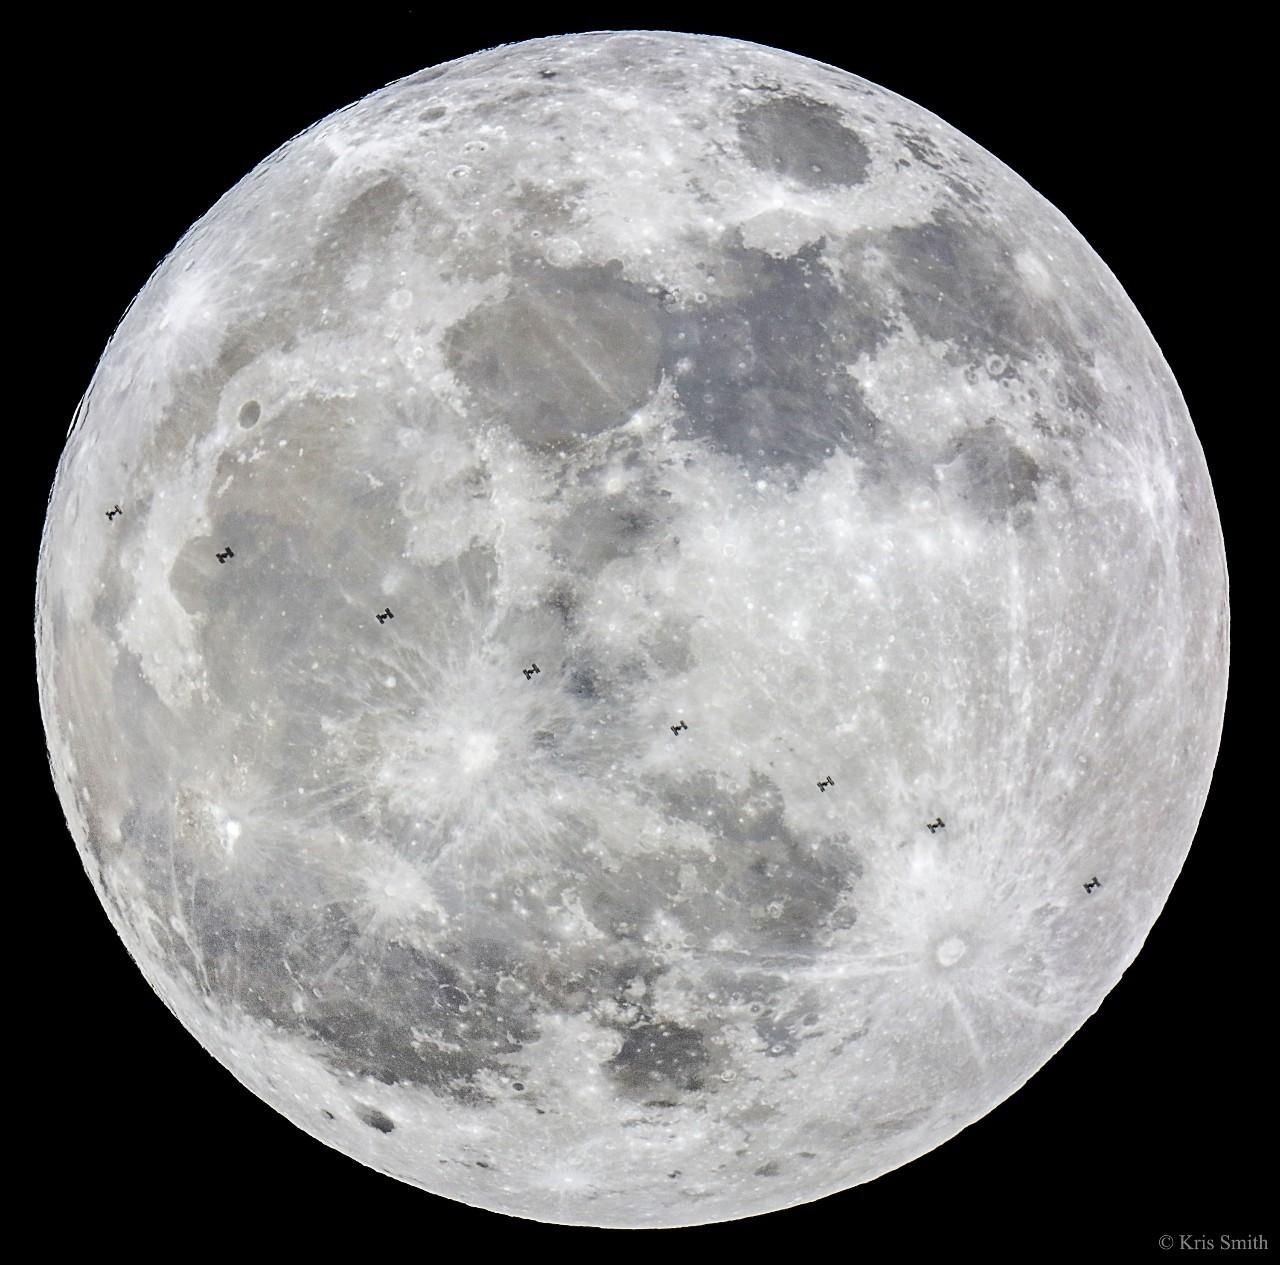 深度了解月球